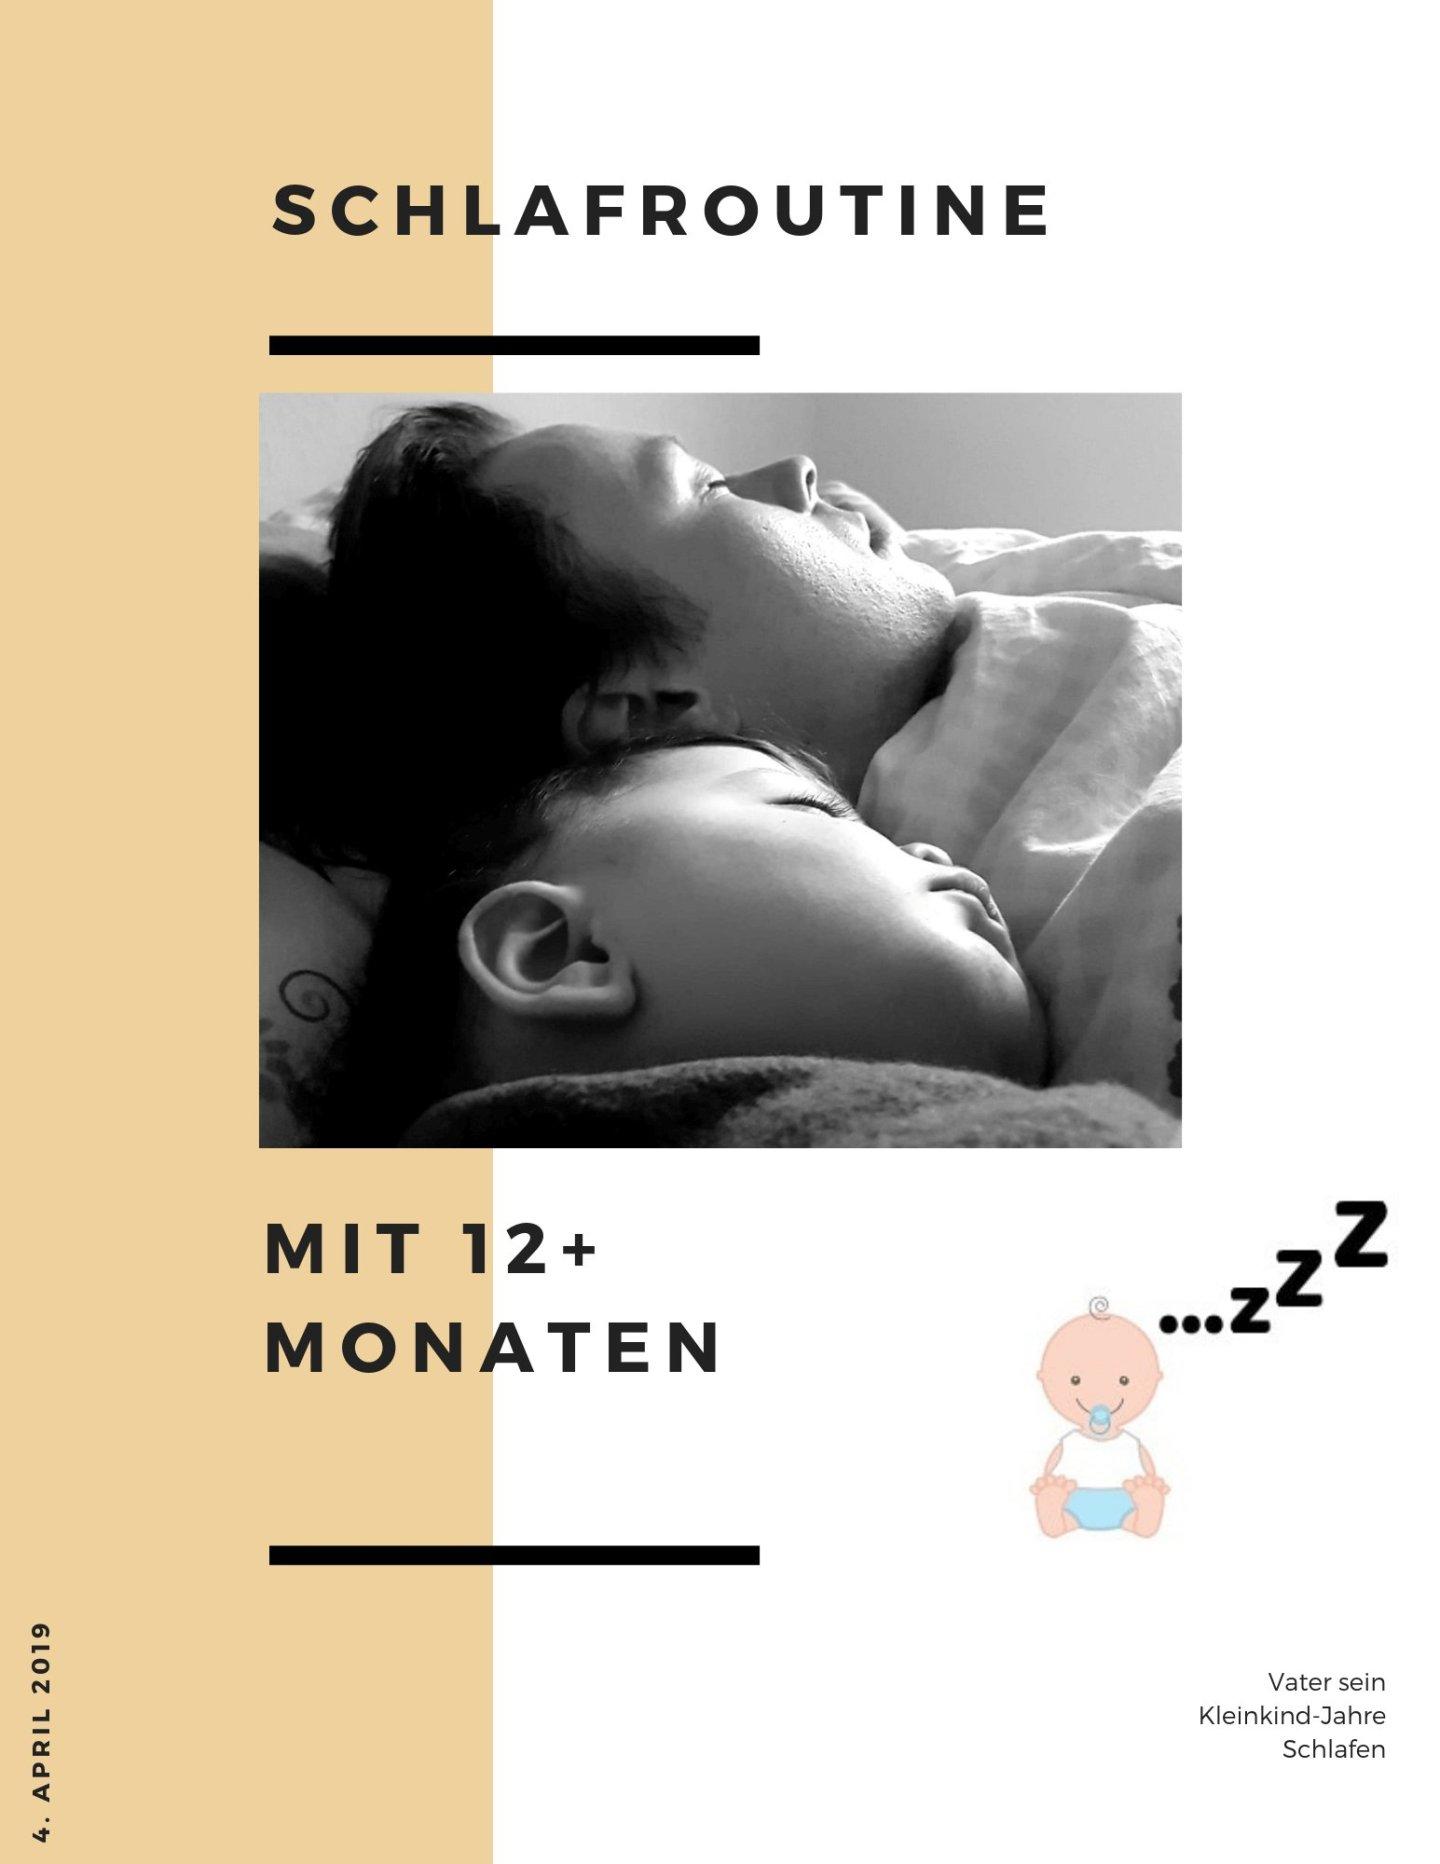 Schlafroutine mit 12+ Monaten